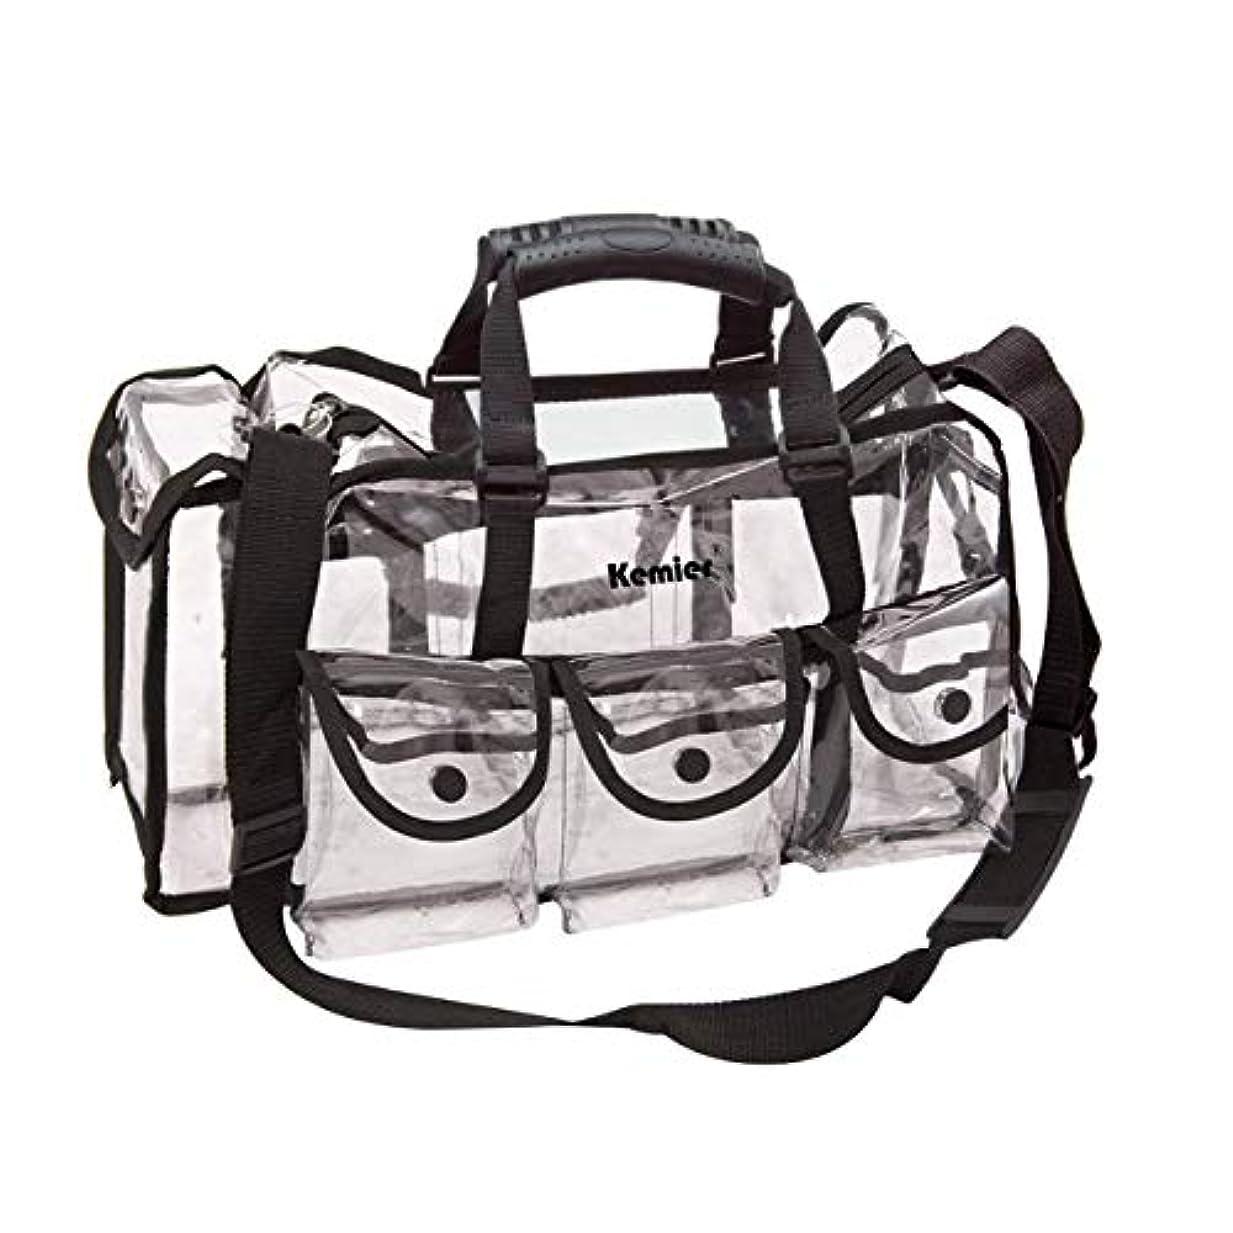 ホイスト追い越すトマトKemier 透明 ハンドバッグ 機能的 コスメポーチ メイクポーチ メイクケース 小物入れ 化粧道具 整理整頓 軽量 防水 旅行 小物入れ 6つの外側ポケット付き